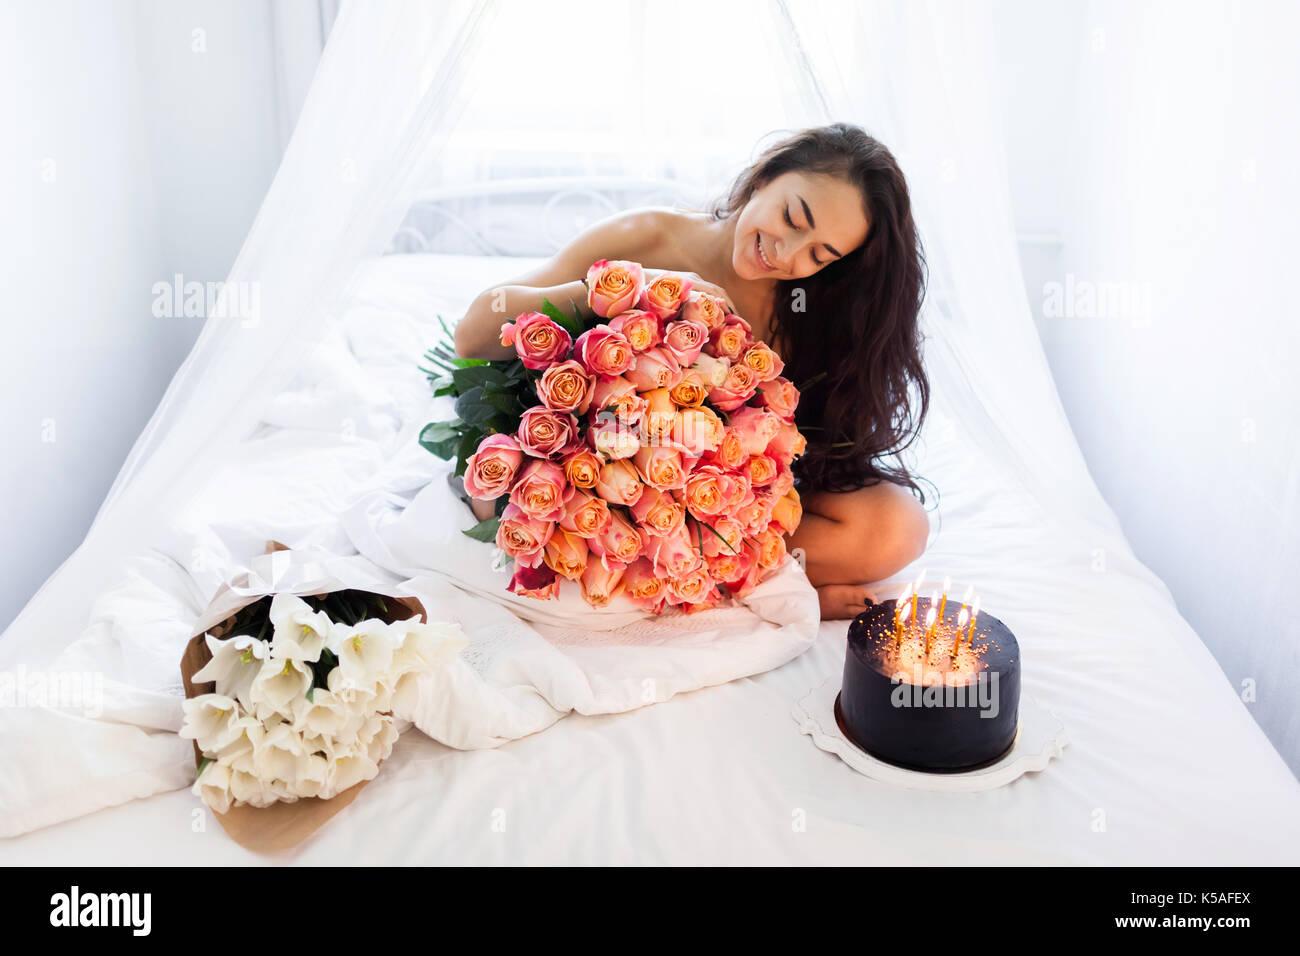 Hervorragend Geburtstag Morgen Junge Frau Mit Riesigen Blumenstrauß Aus Rosen Und  Leckeren Kuchen Mit Kerzen Auf Weißen Bett